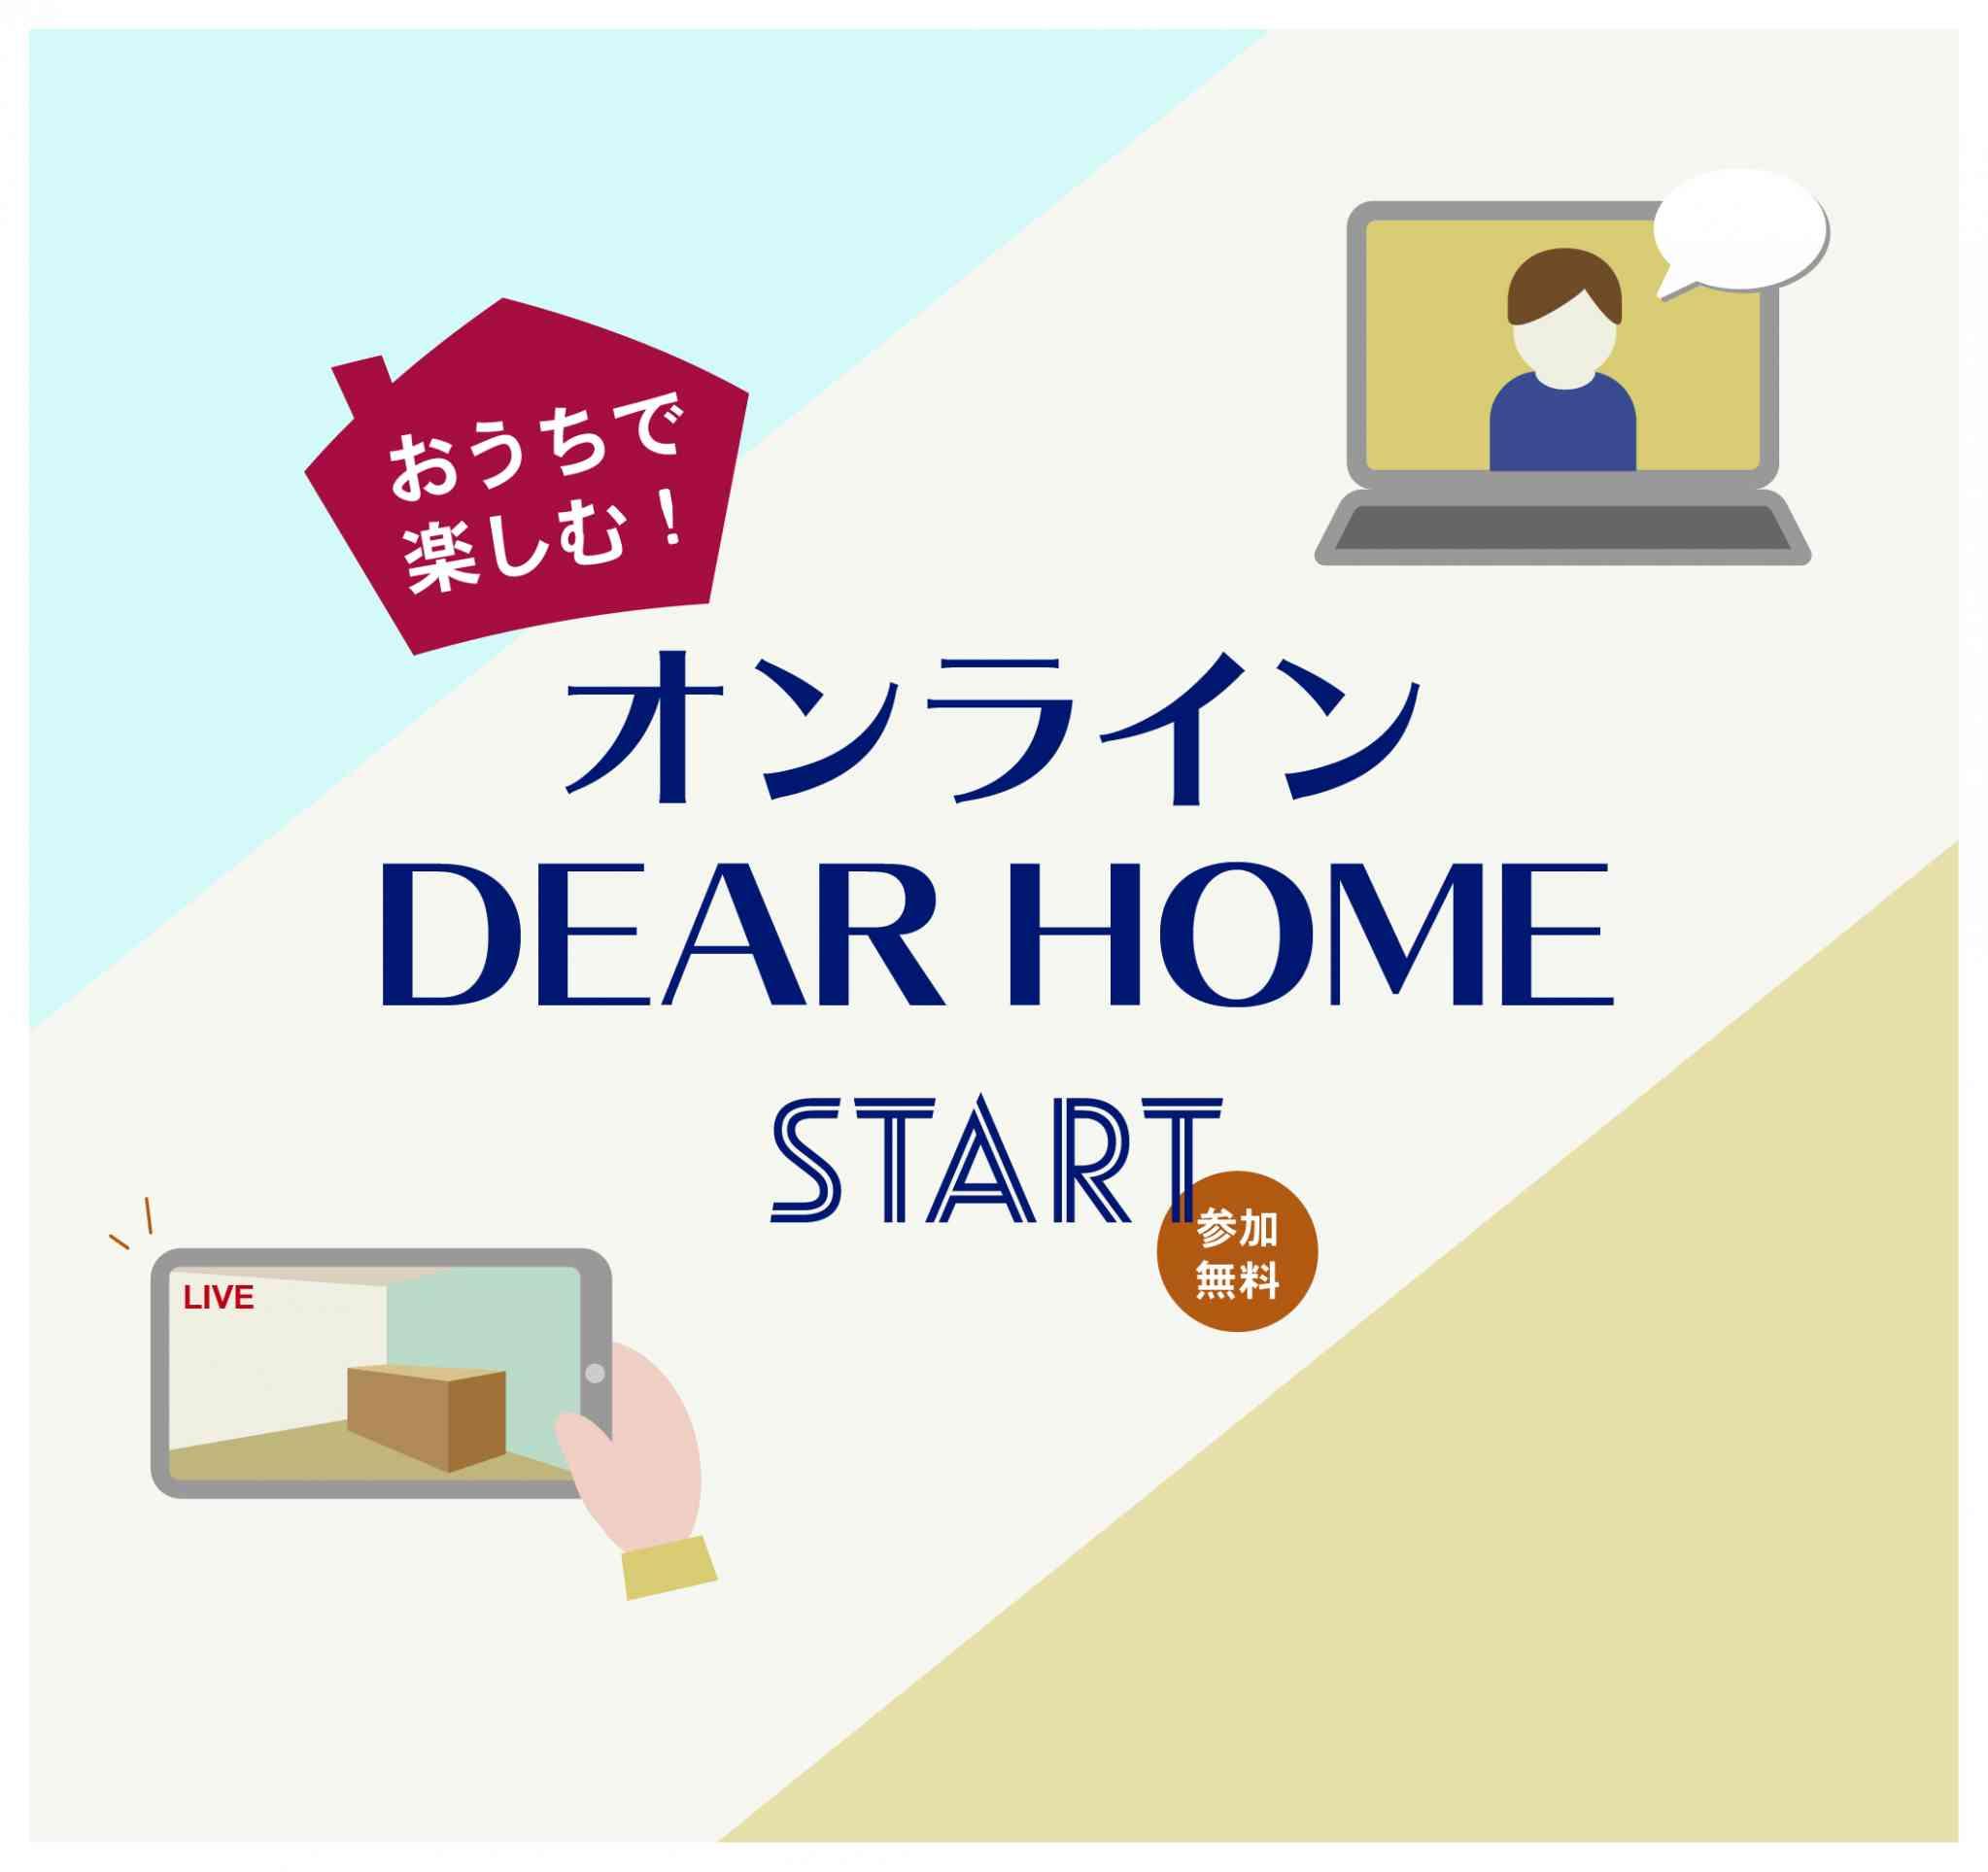 【オンラインDEARHOME】始動!